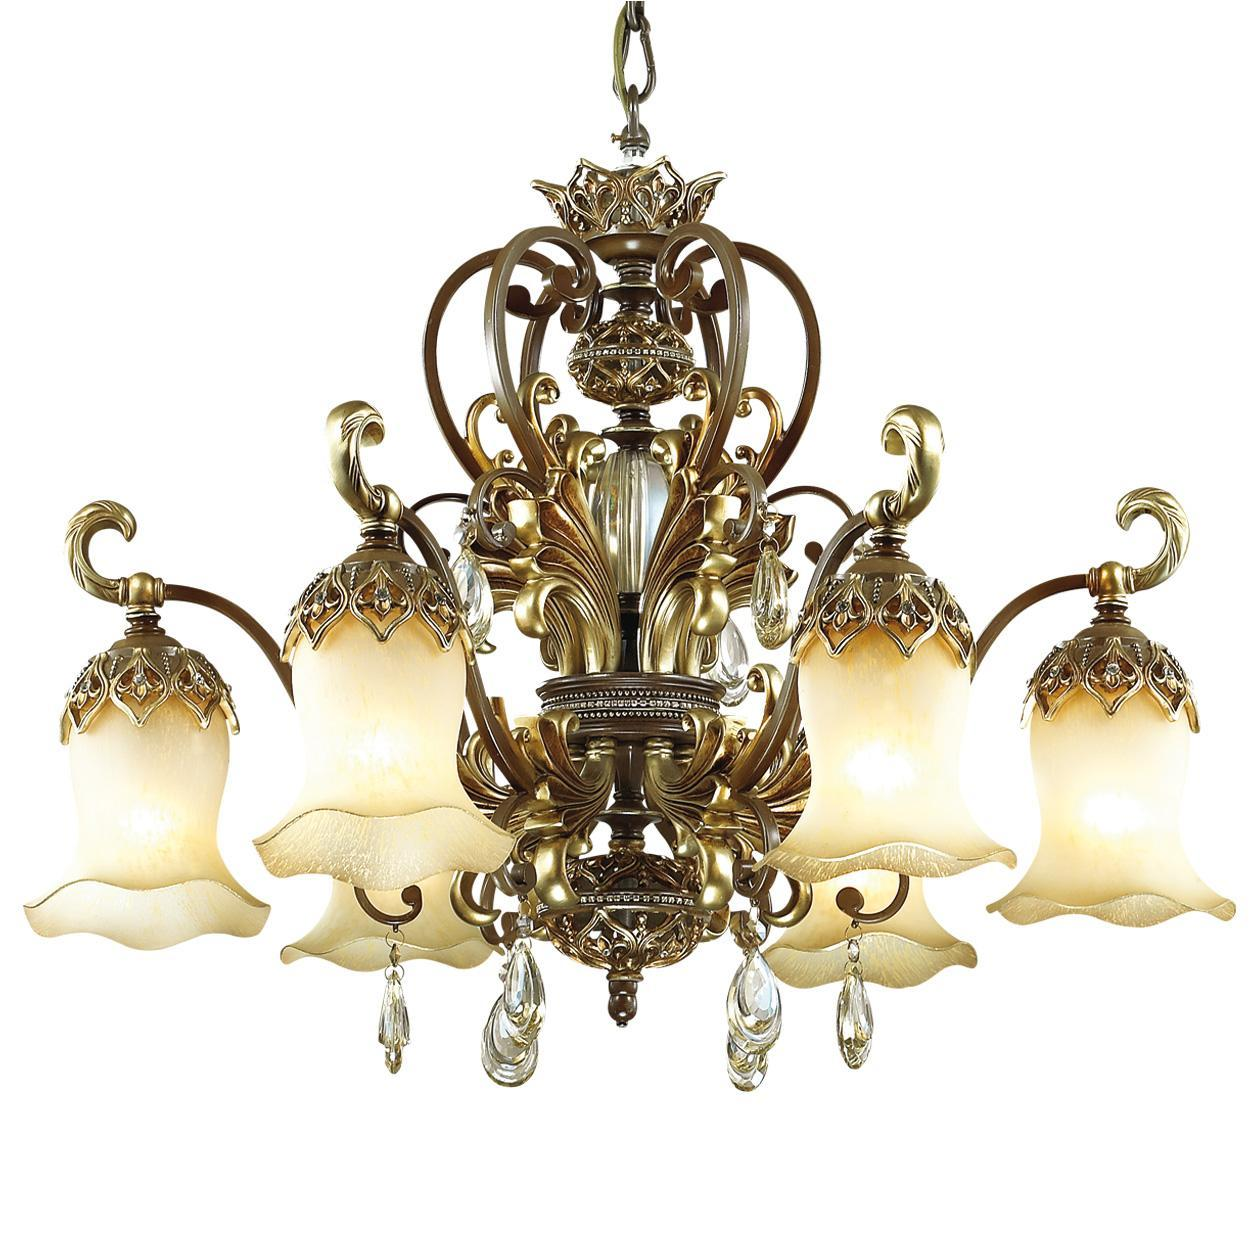 Люстра Odeon Light Safira 2802/6 подвесная цены